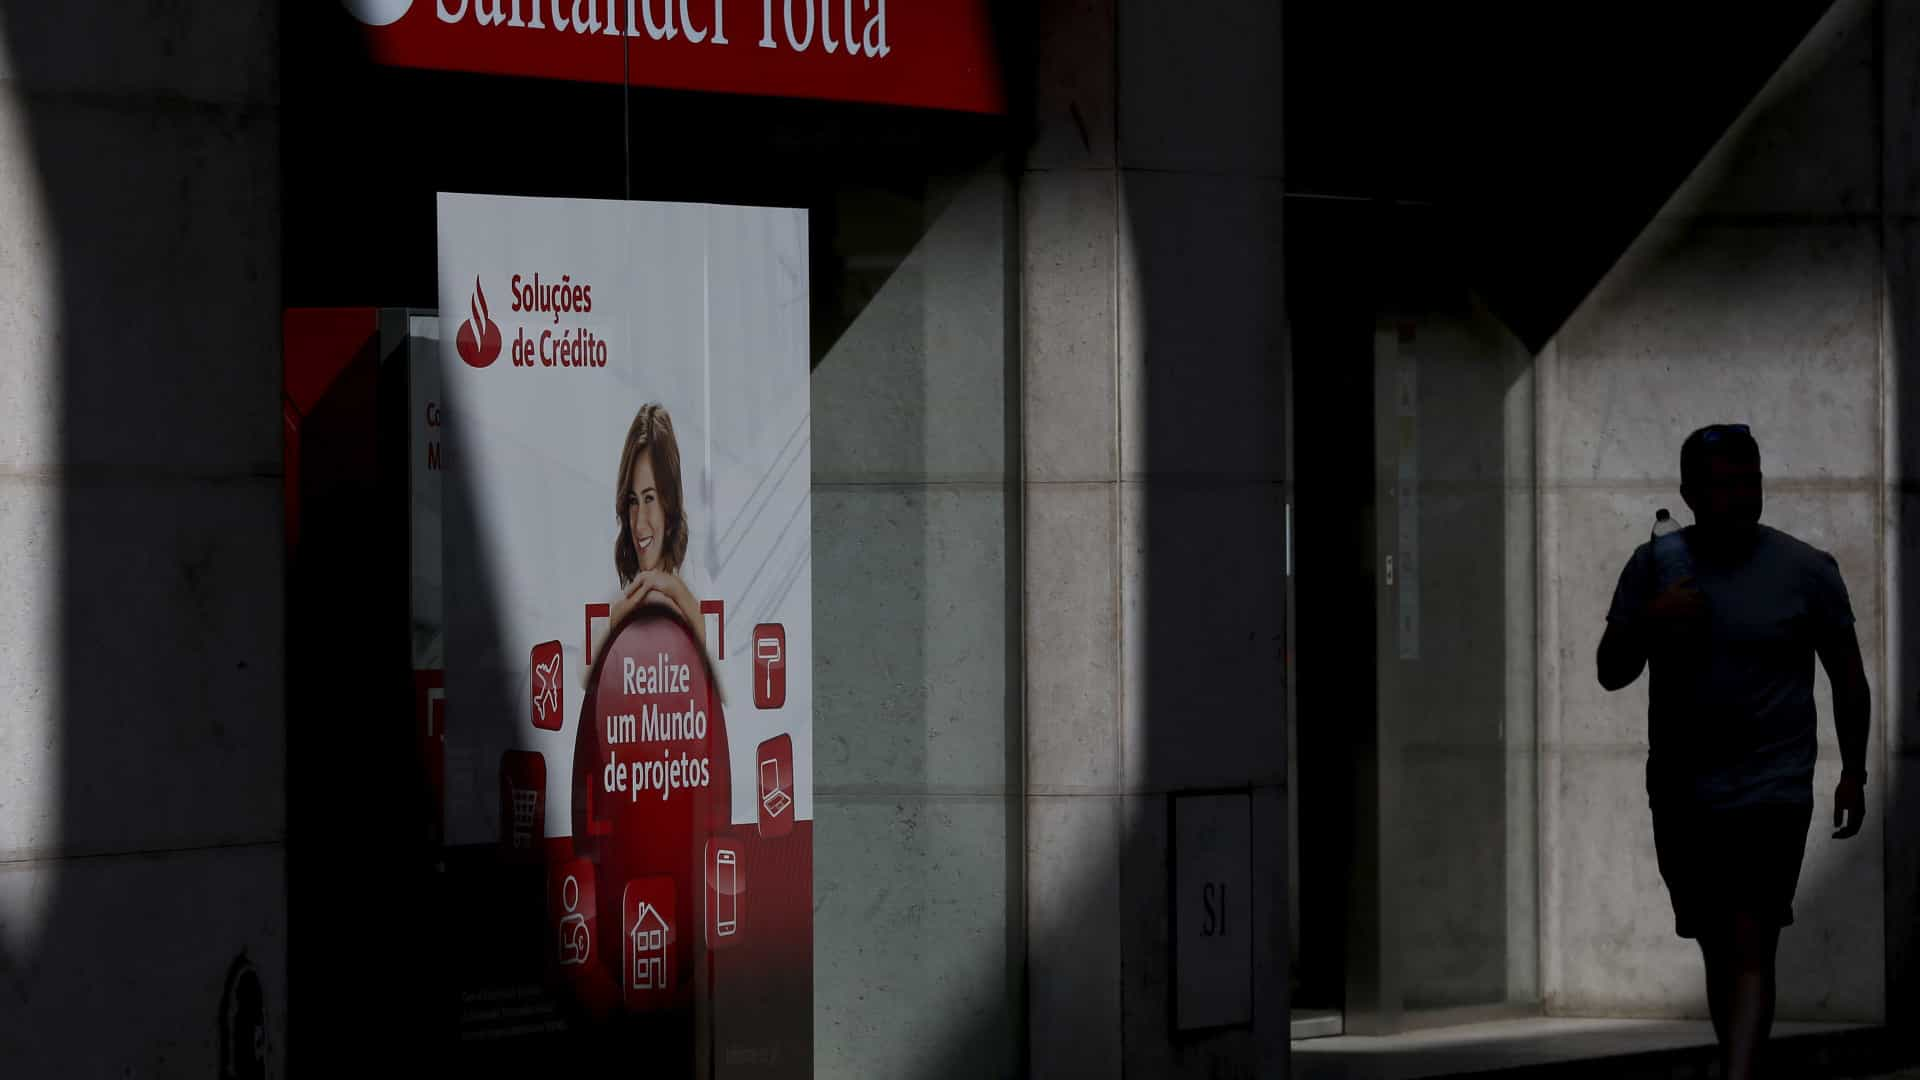 Santander Totta alcança um resultado líquido de 130,5 milhões de euros